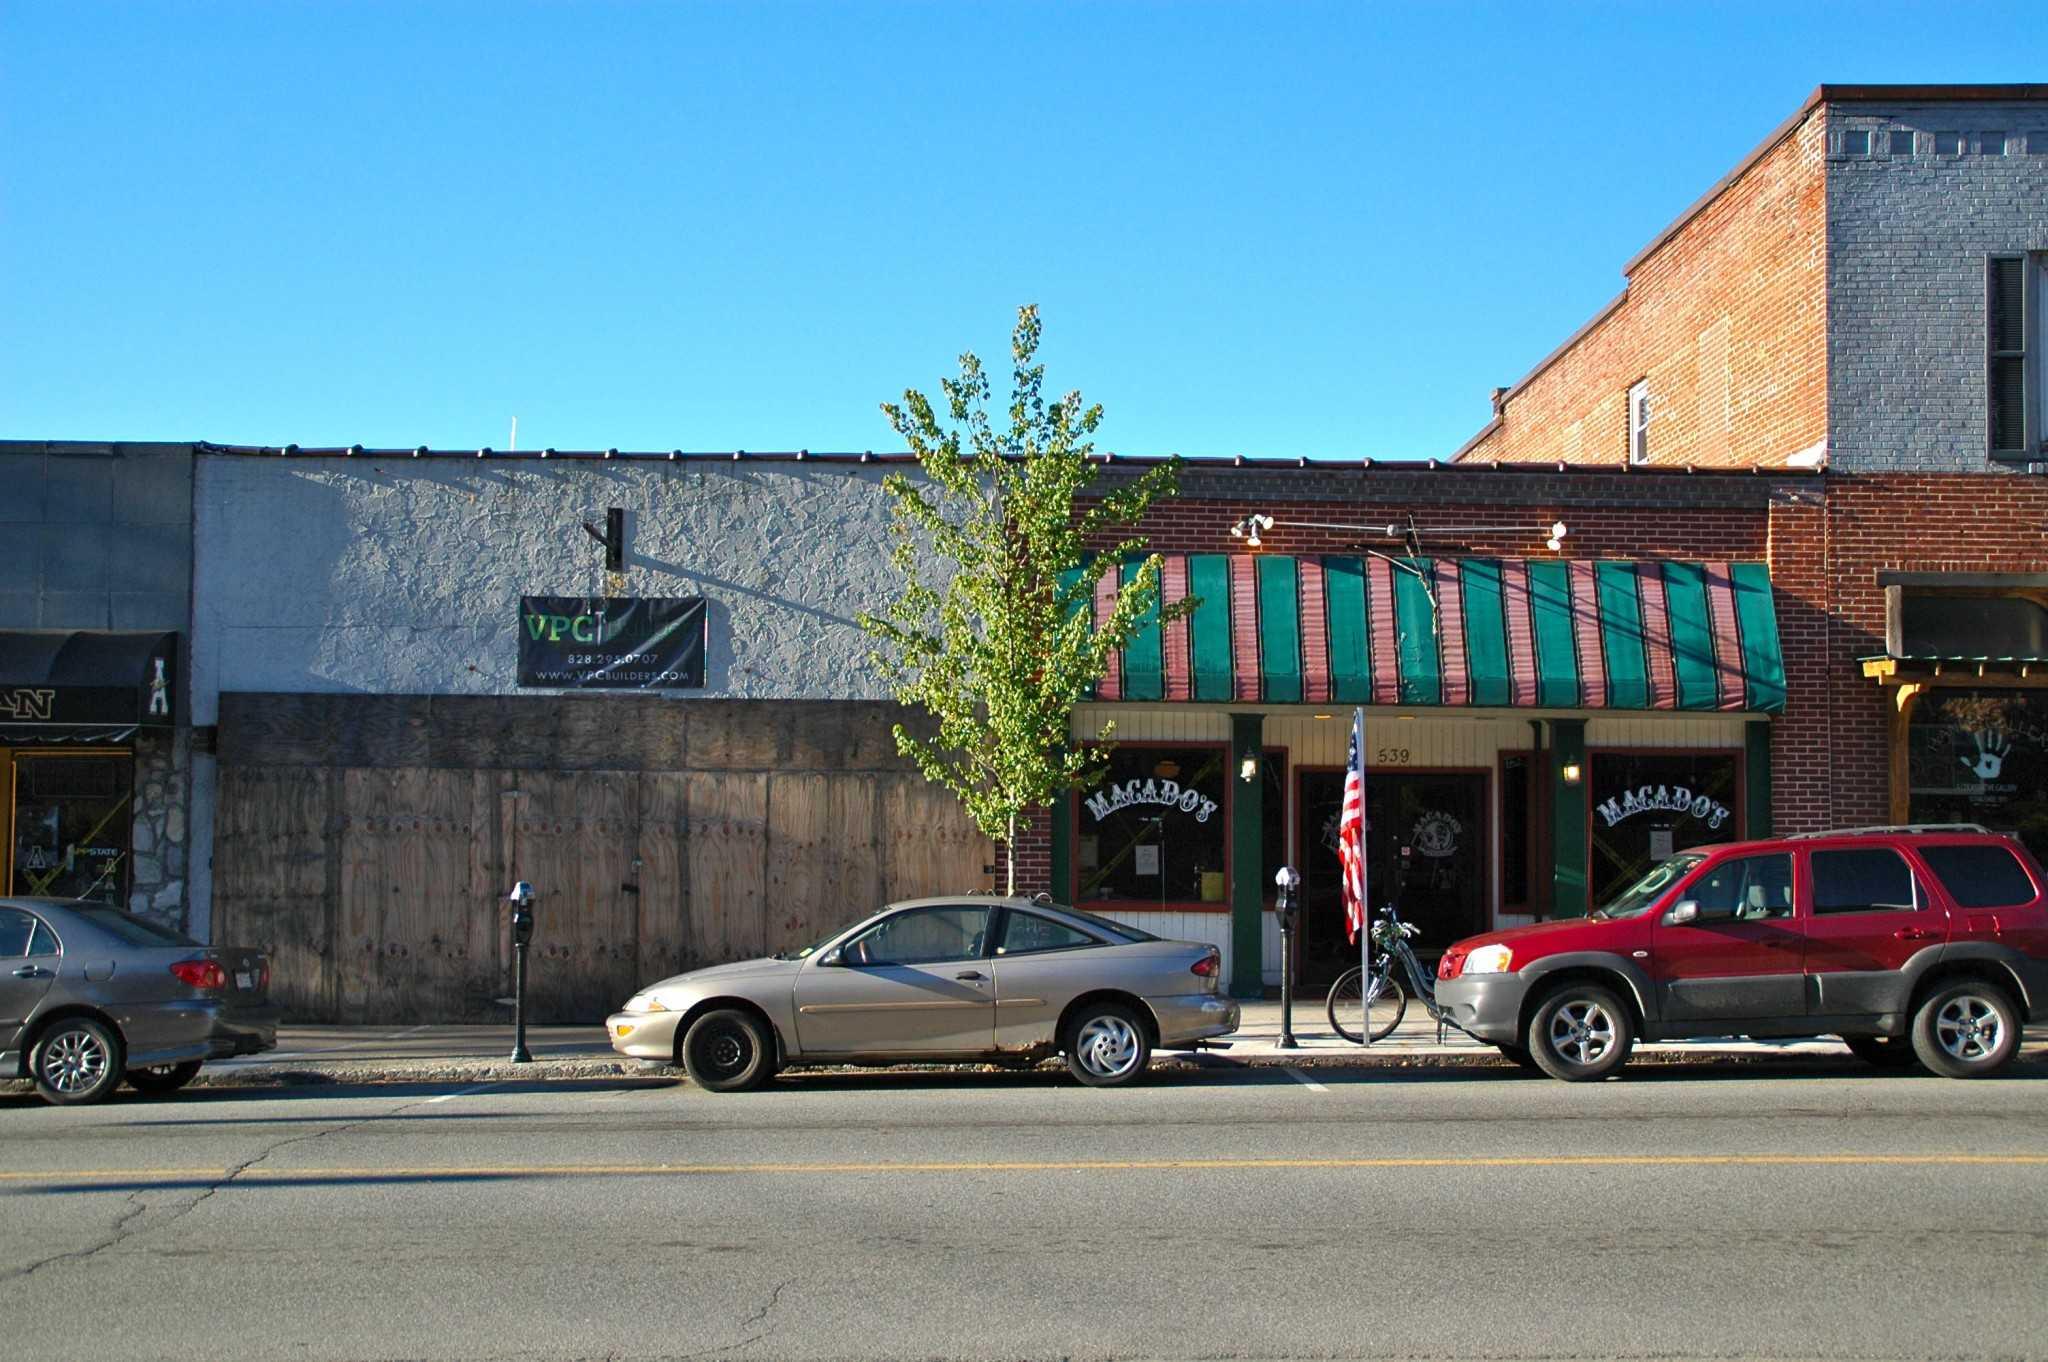 Macado%27s%2C+a+beloved+restaurant+on+King%27s+Street%2C+is+expanding+into+the+building+next+door.